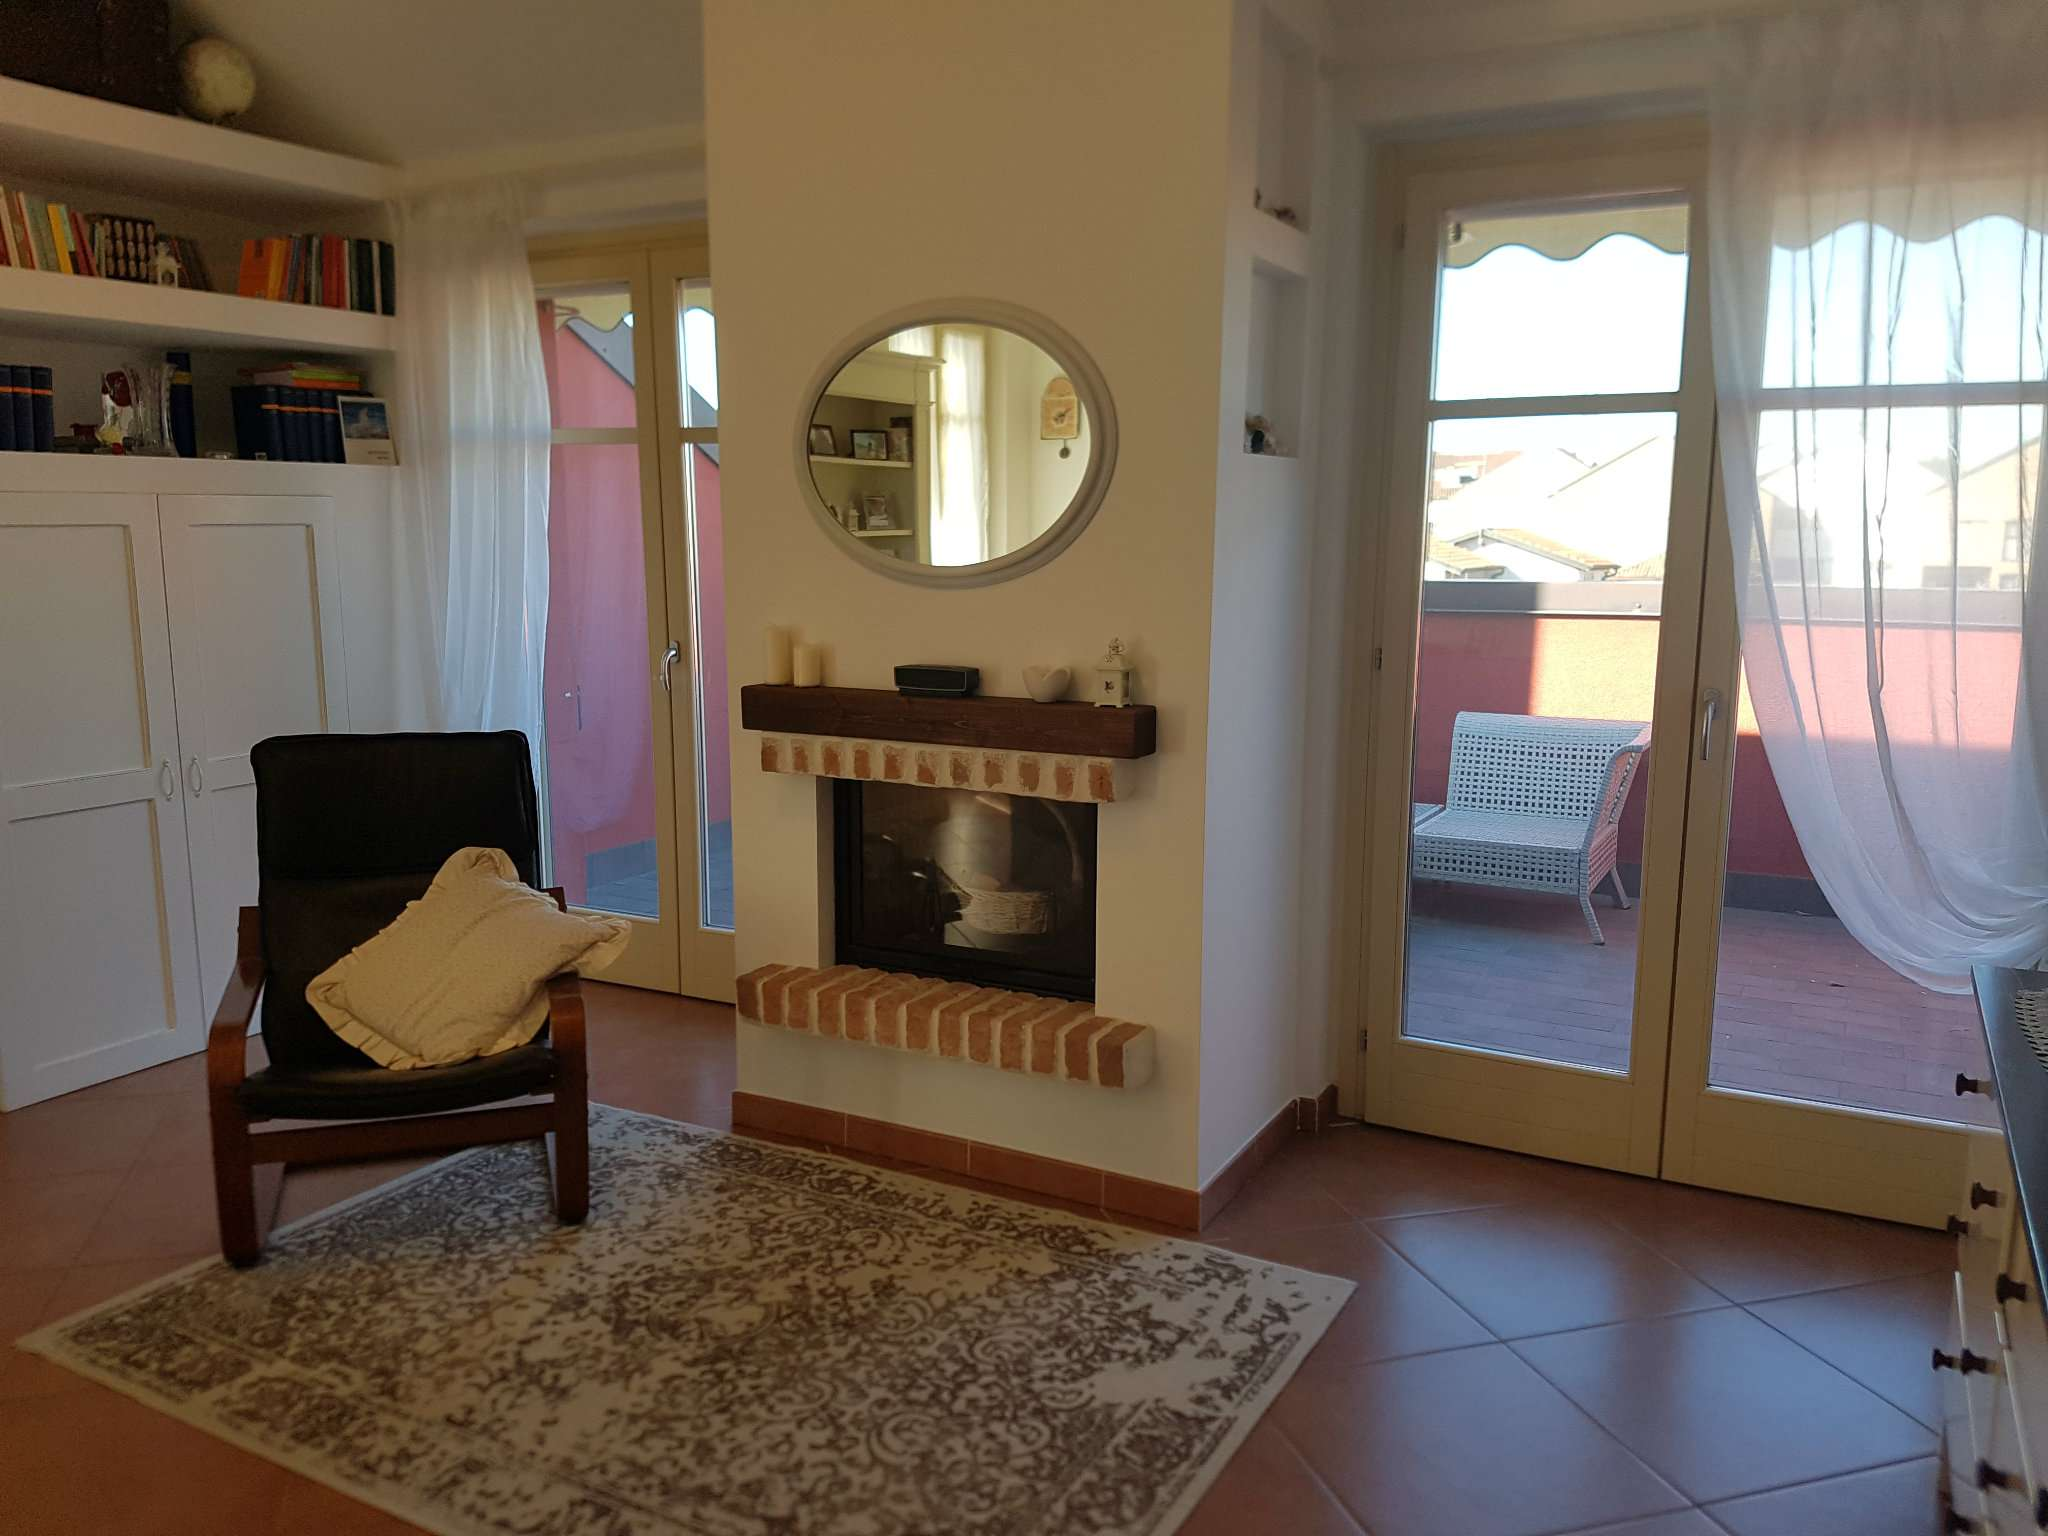 Attico / Mansarda in vendita a Peschiera Borromeo, 3 locali, prezzo € 320.000 | CambioCasa.it